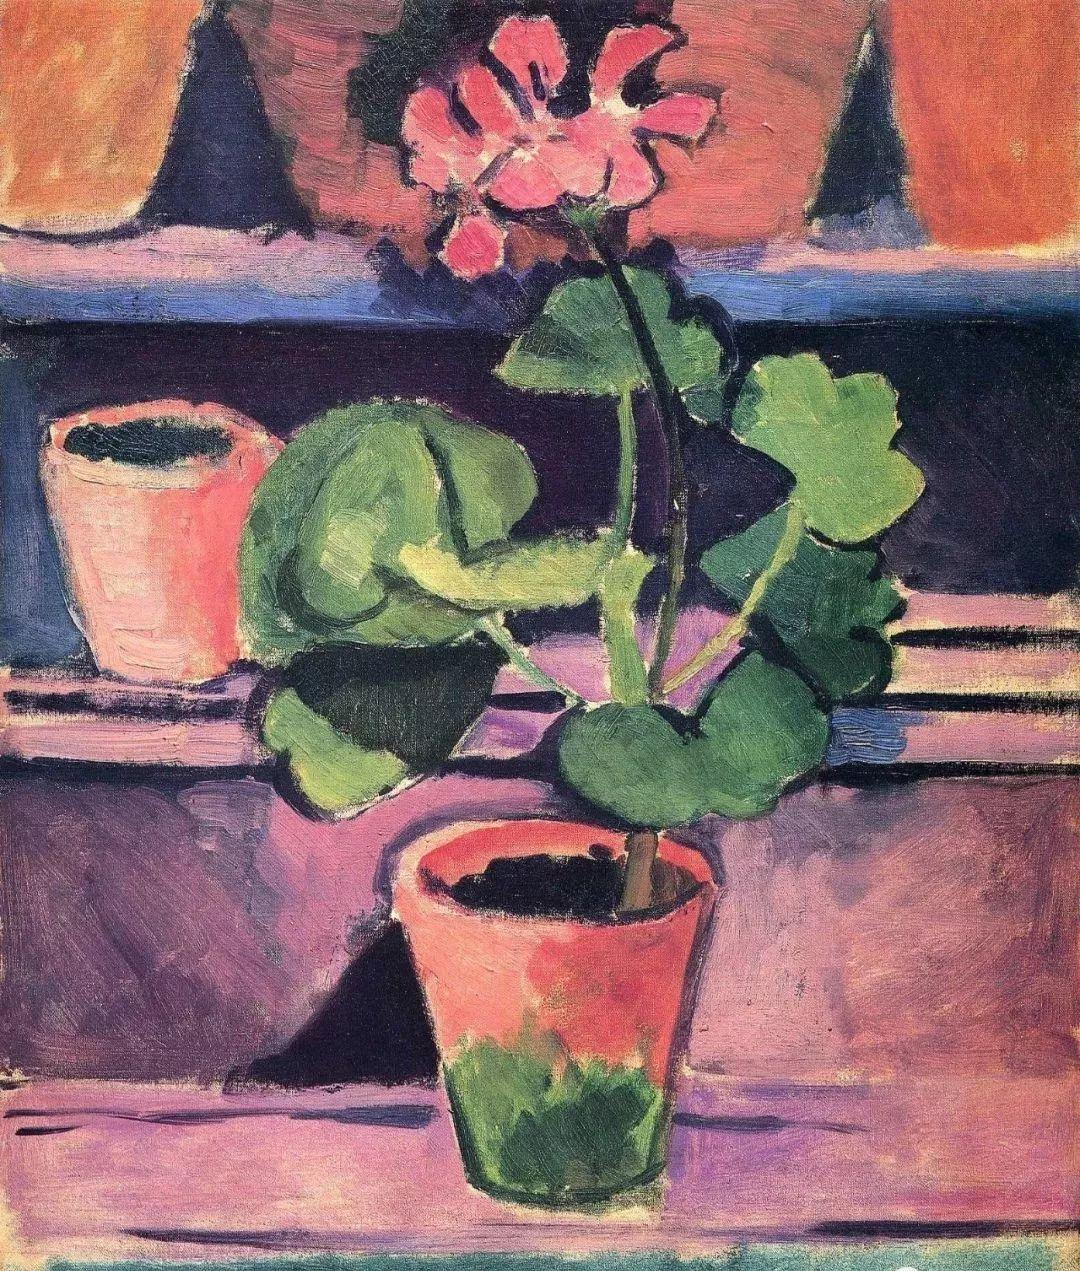 与毕加索并称为20世纪世界美术的两座高峰!马蒂斯静物作品集,震撼出炉!插图54